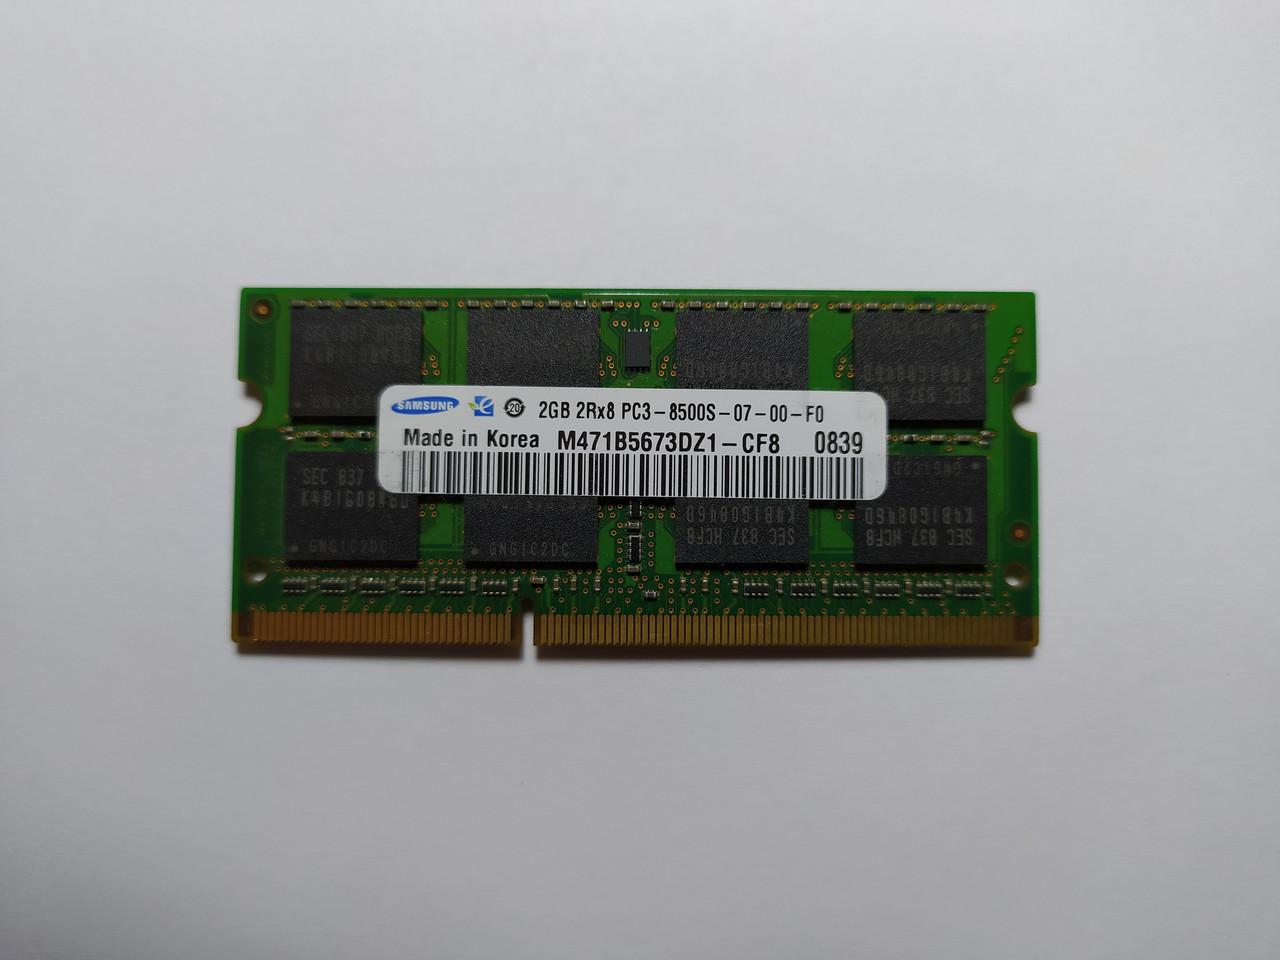 Оперативная память для ноутбука SODIMM Samsung DDR3 2Gb 1066MHz PC3-8500S (M471B5673DZ1-CF8) Б/У